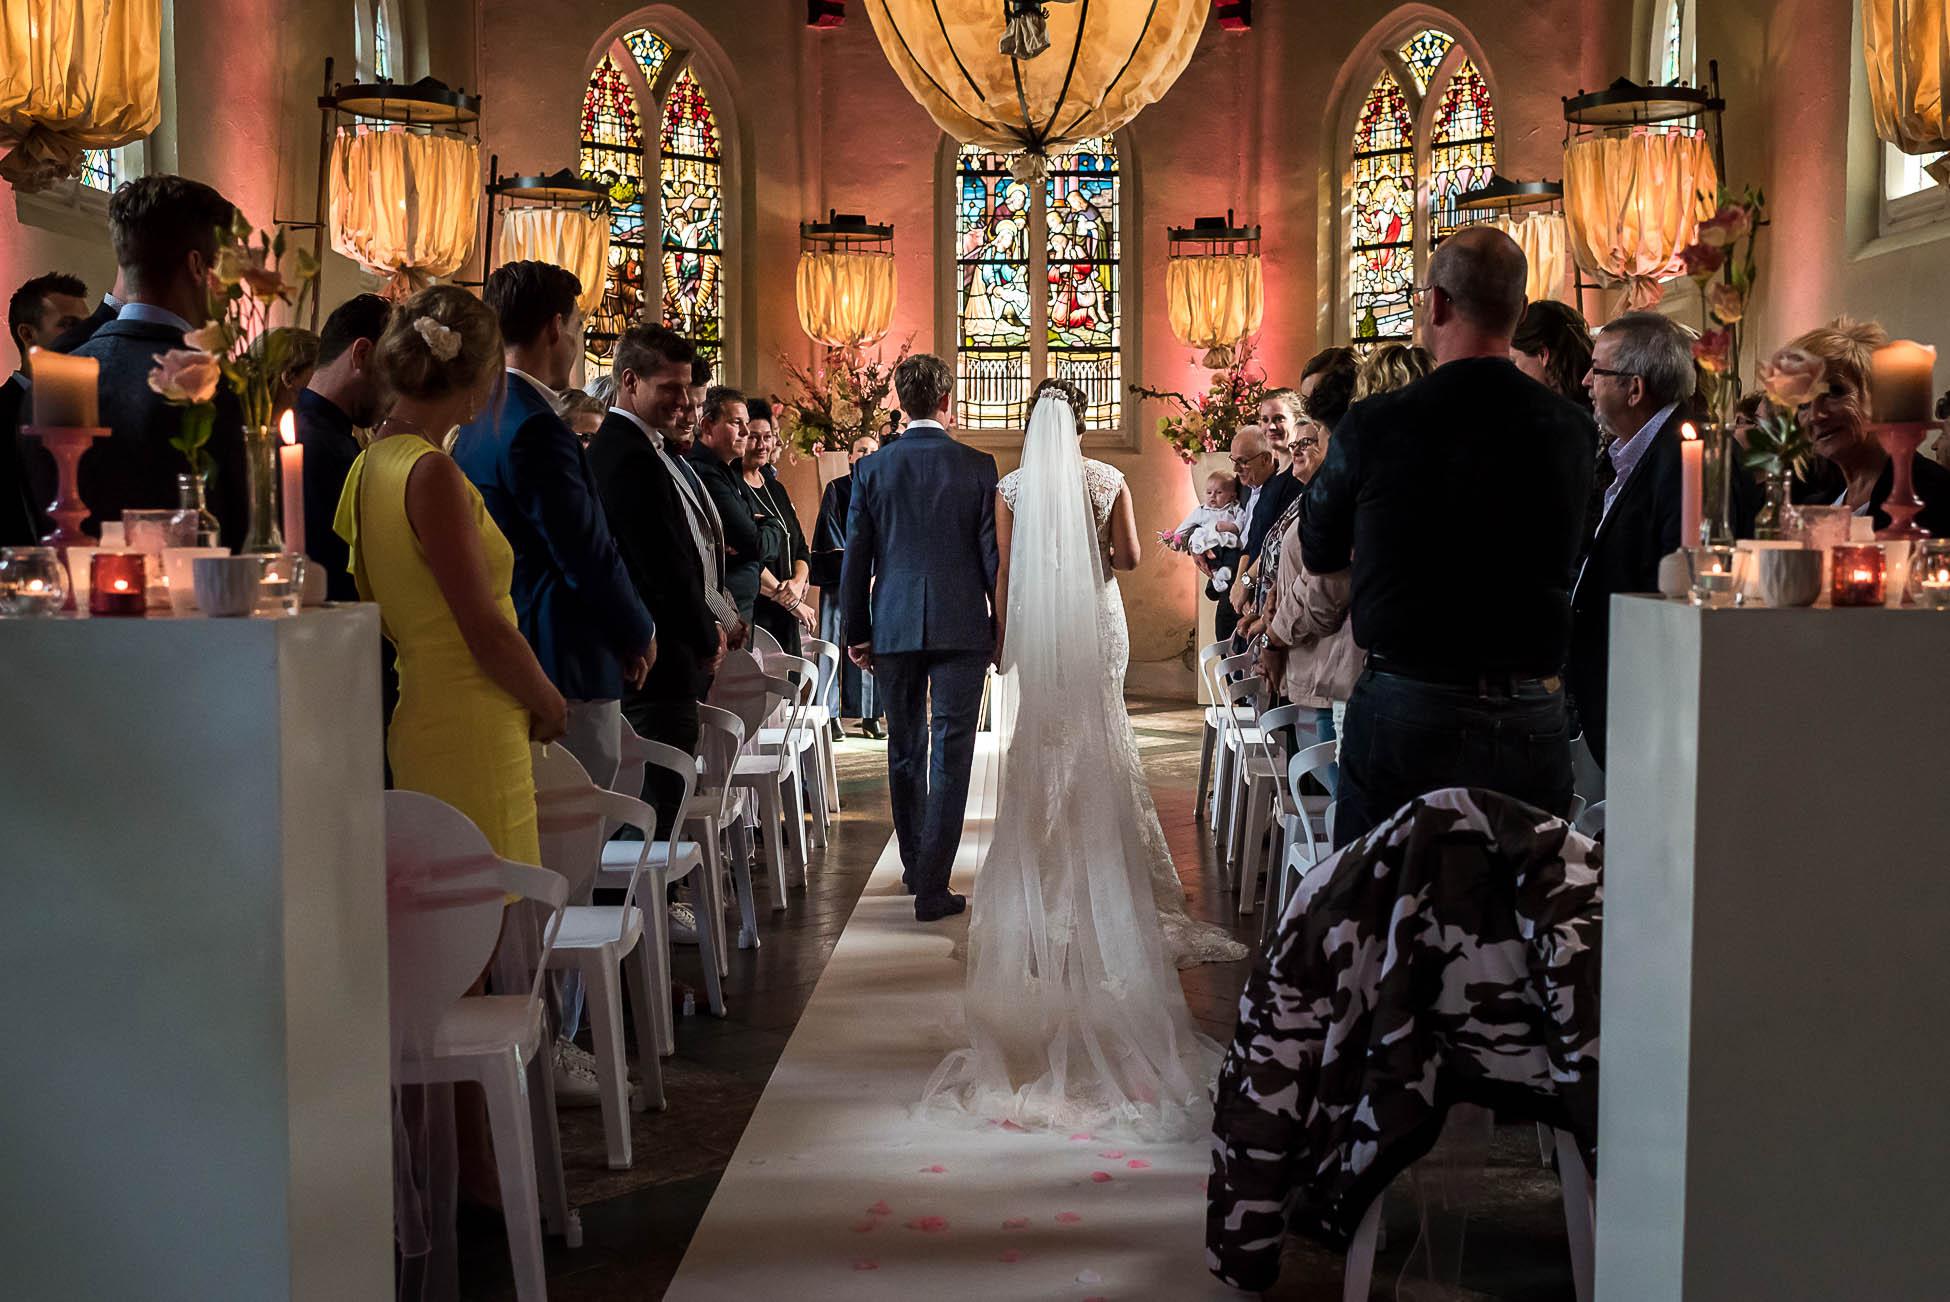 Kosten trouwfotograaf Hilversum